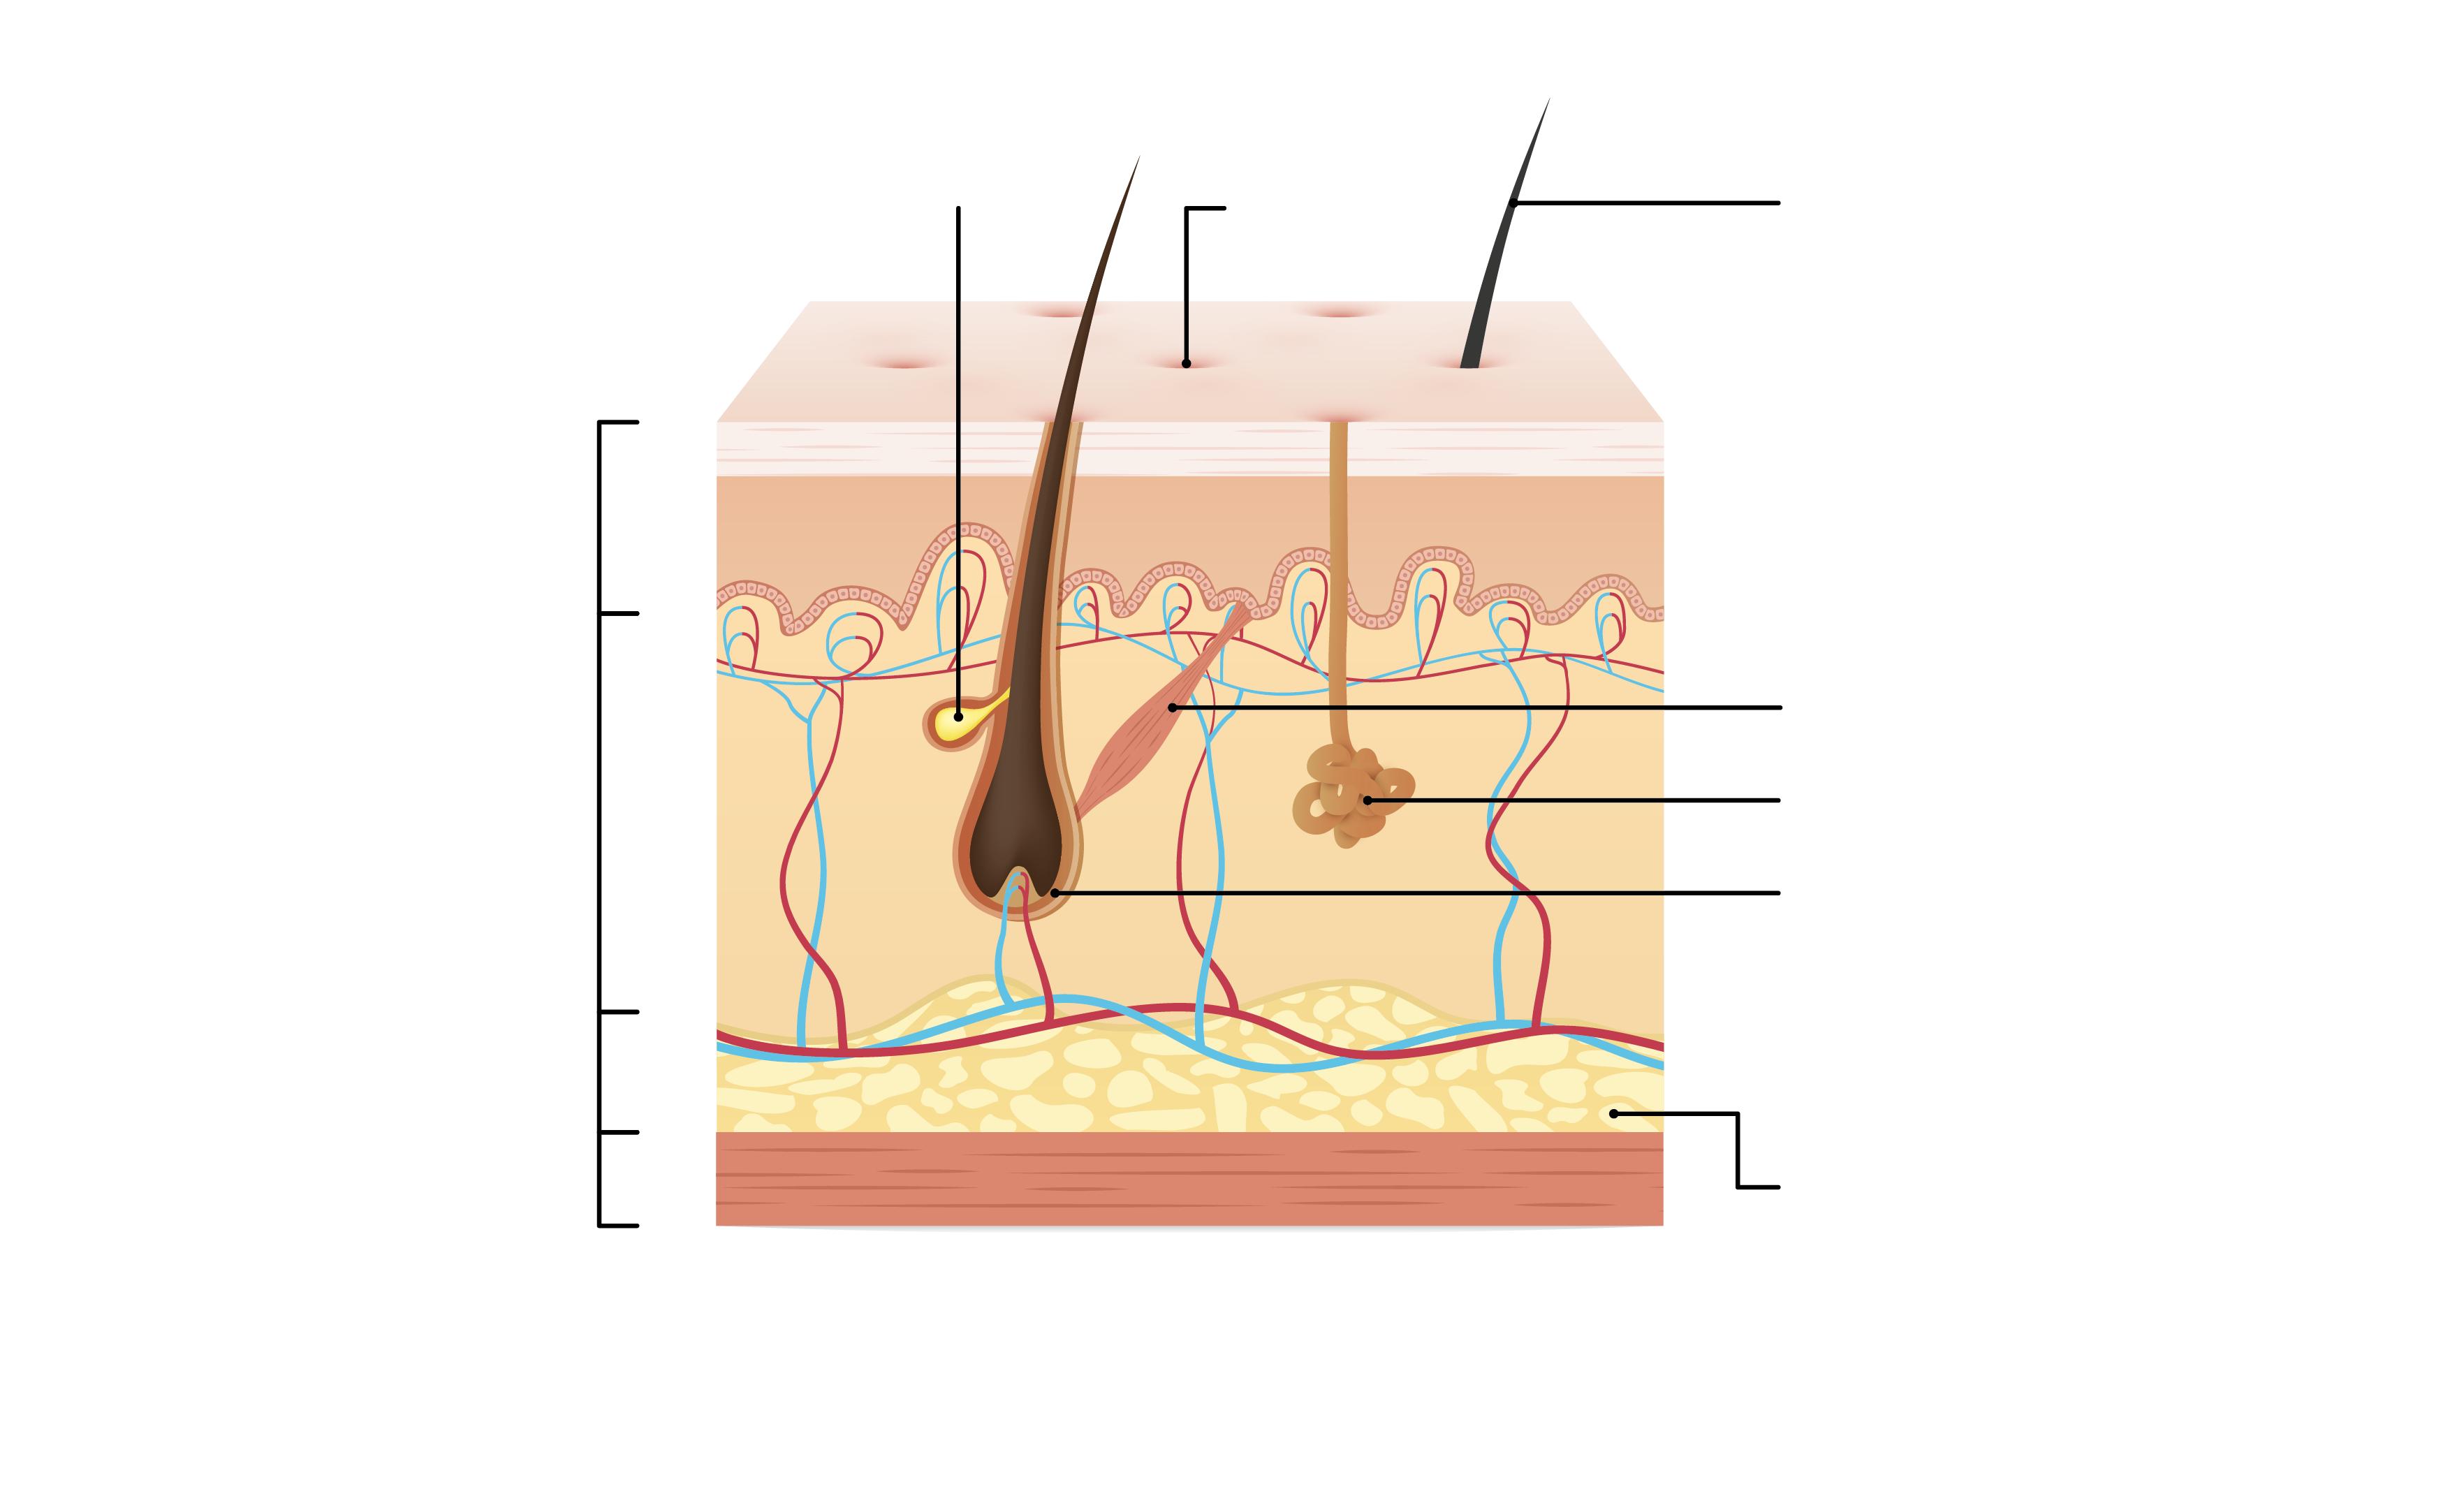 Unsere Haut Aufbau und Aufgaben der Haut interaktiv entdecken